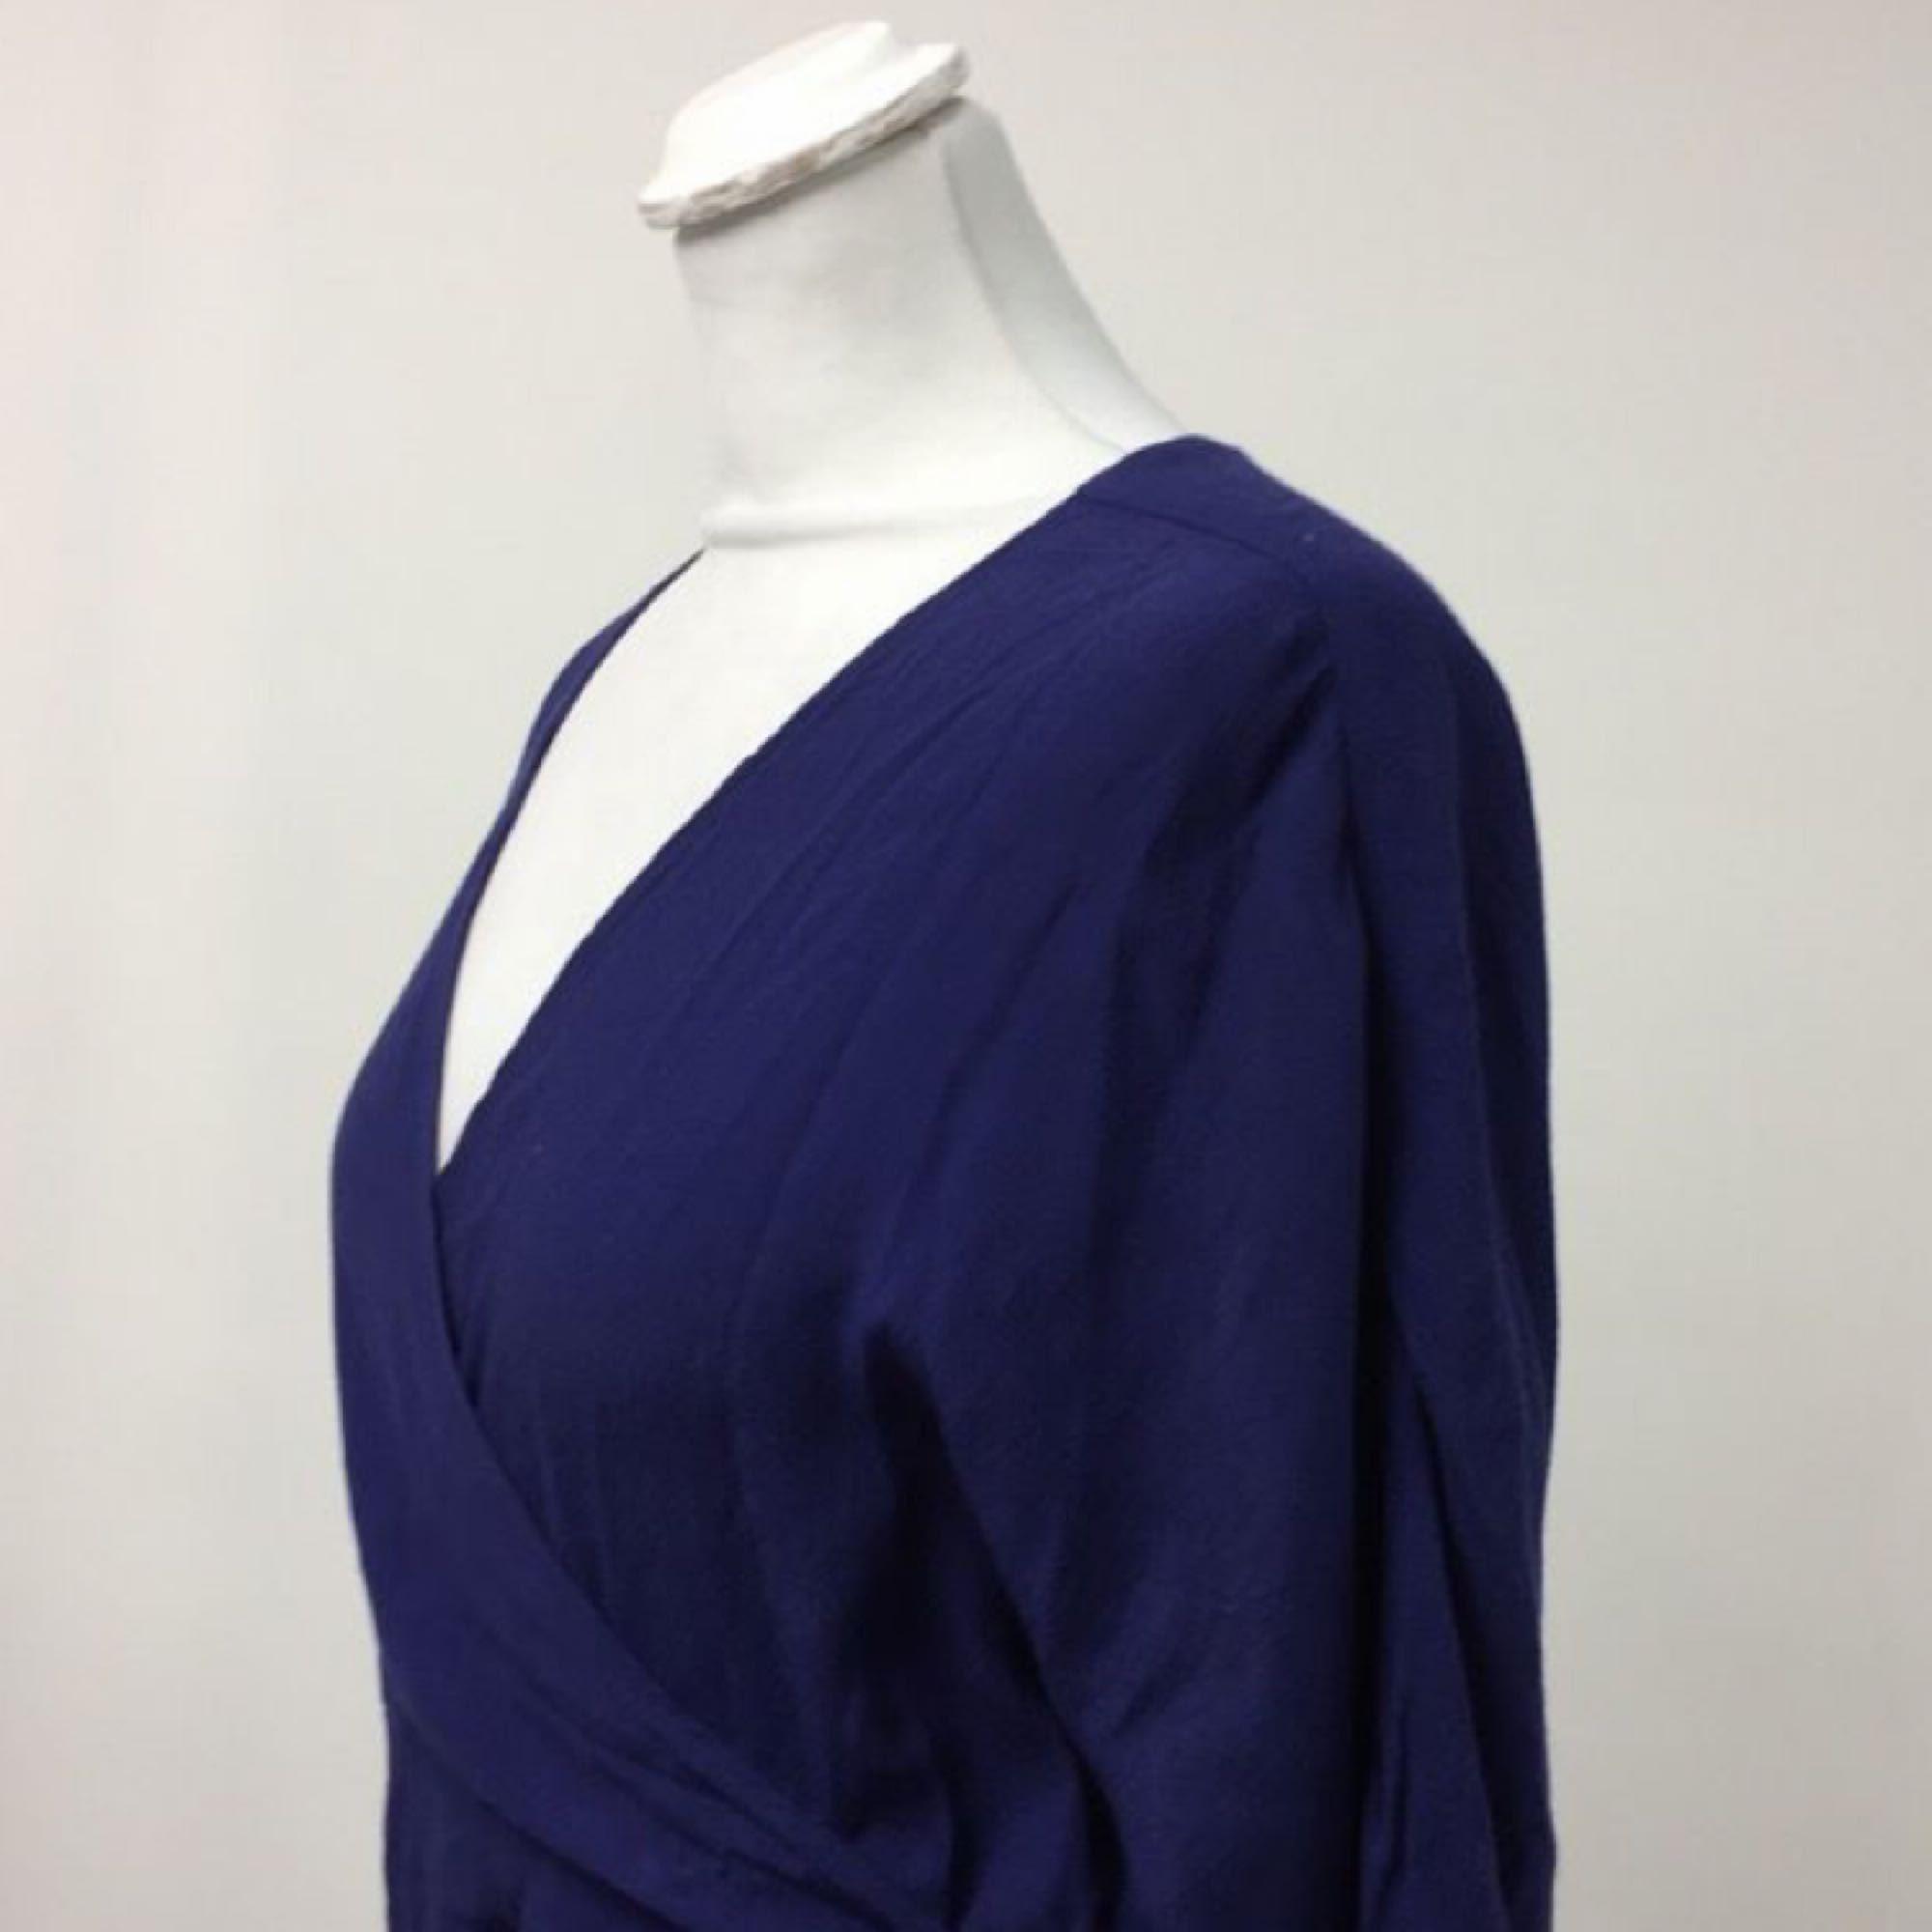 90d67c0bf8c2 Brukar använda den Mtwtfss weekday klänning i 100% cupro. Såååå fin kornblå  färg. Brukar använda den